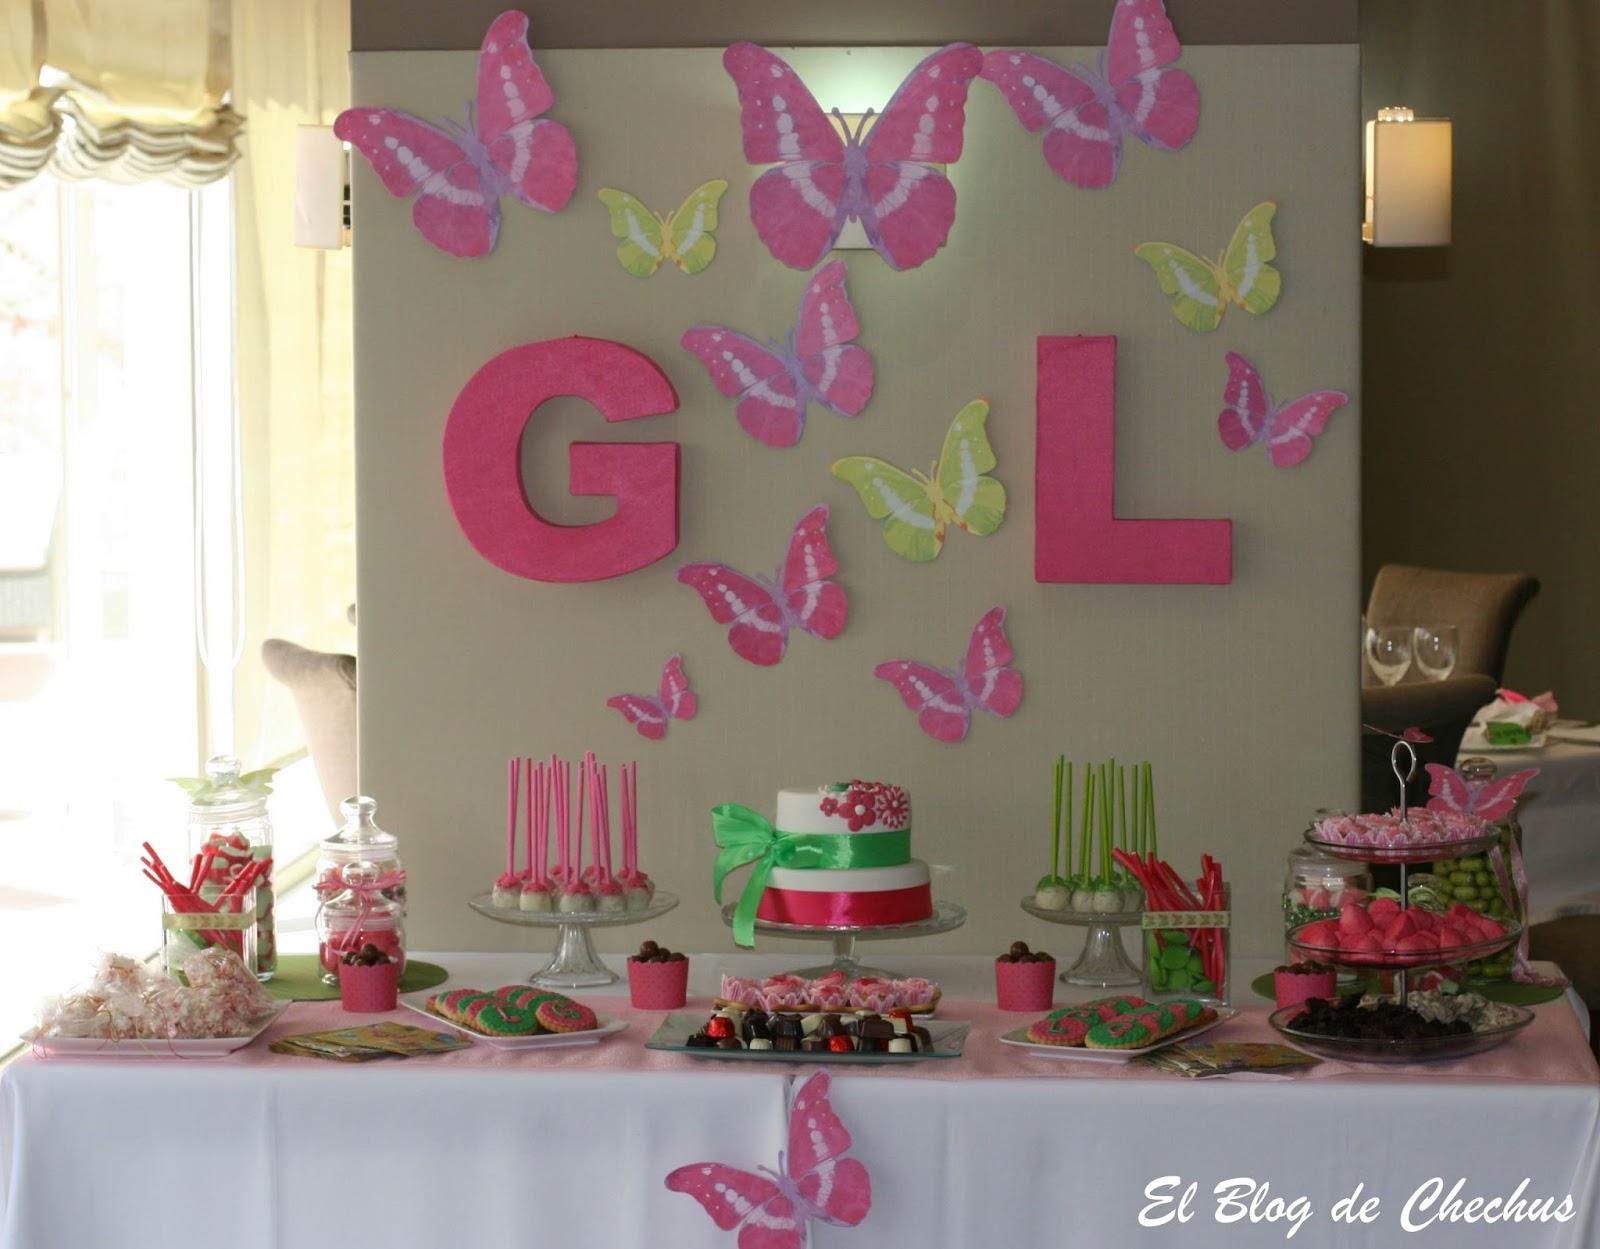 Chechus cupcakes valencia - Adornos mesa comunion ...